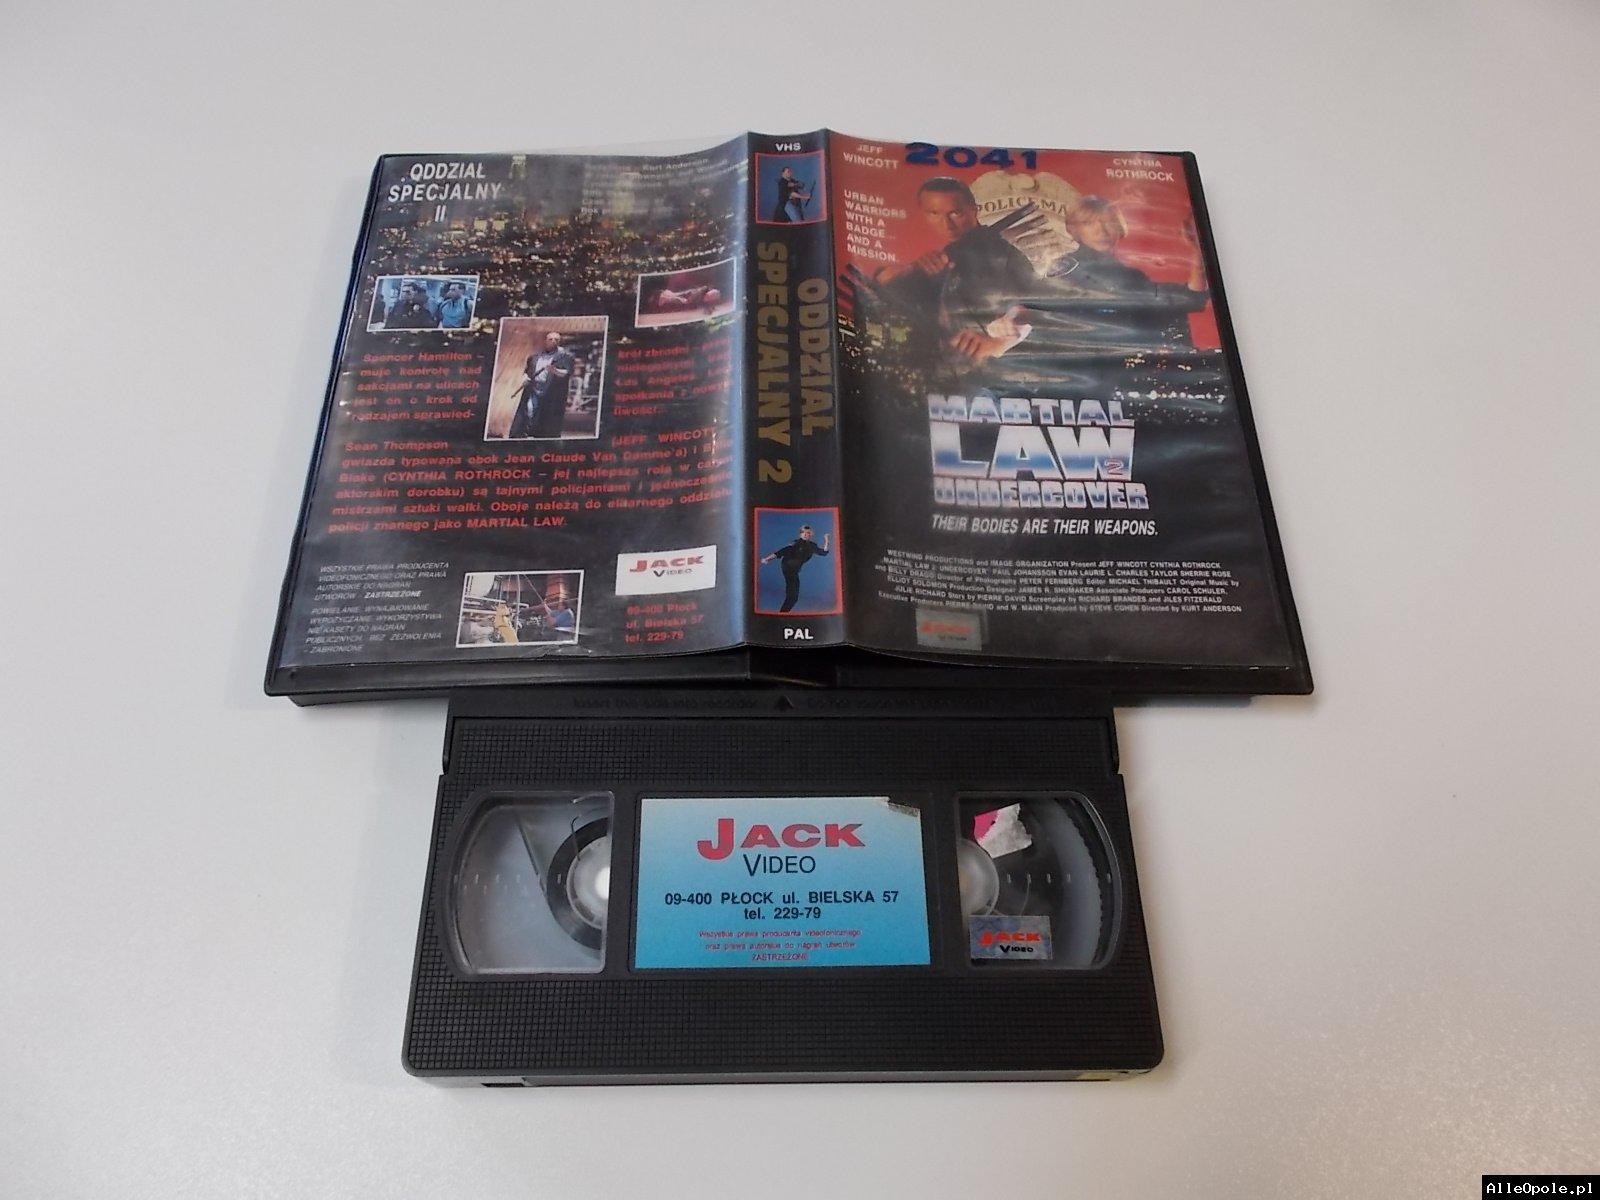 ODDZIAŁ SPECJALNY 2 - VHS Kaseta Video - Opole 1704